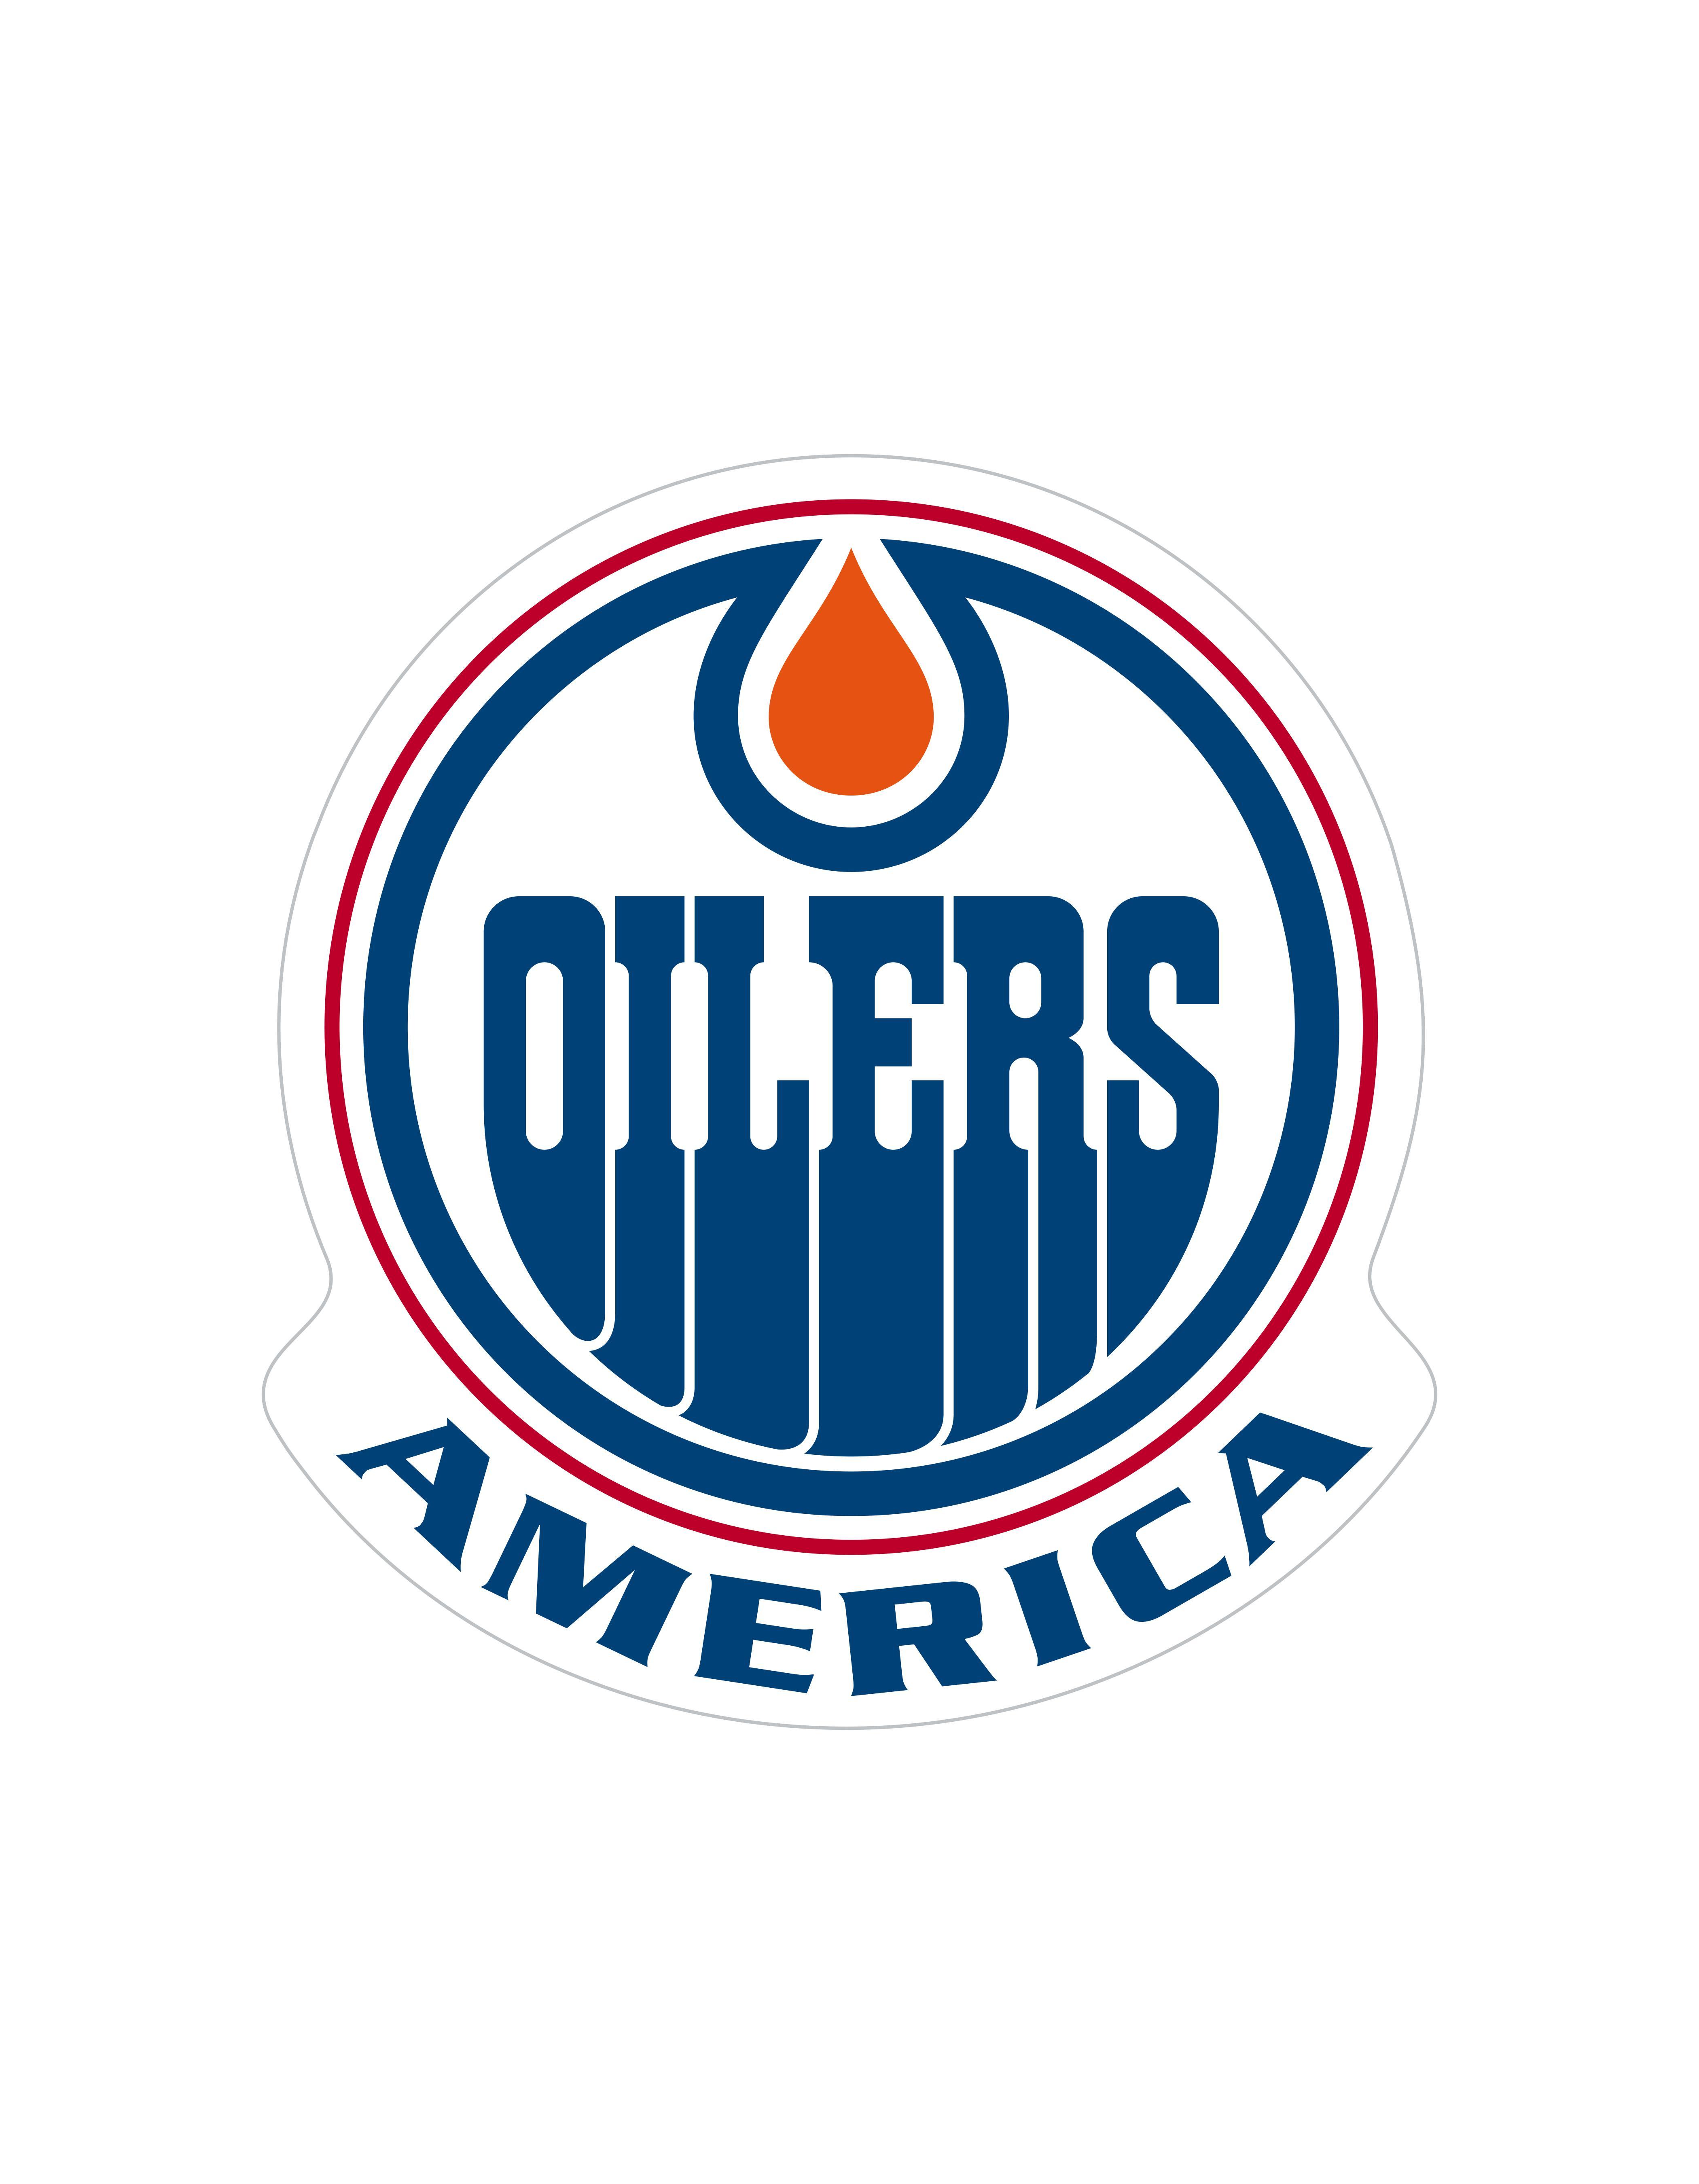 oilers america .jpg (627 KB)